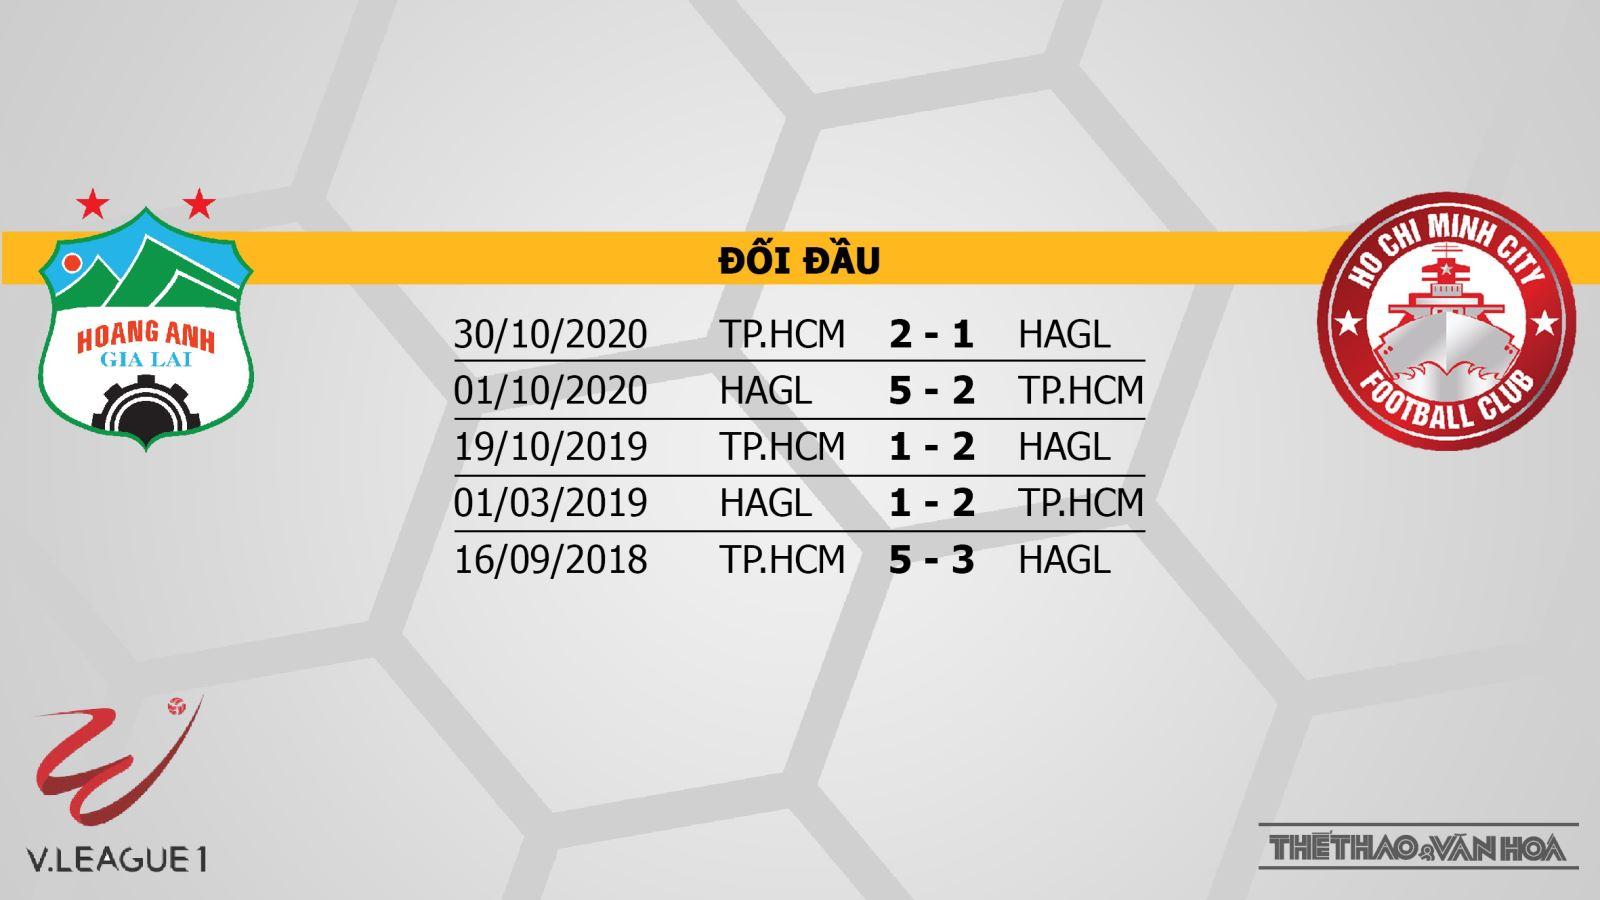 Keo nha cai. Kèo nhà cái. HAGL vs TPHCM. VTV6 trực tiếp bóng đá V-League 2021. Xem HAGL. Xem VTV6. Trực tiếp bóng đá Việt Nam. Hoàng Anh Gia Lai đấu với TP Hồ Chí Minh